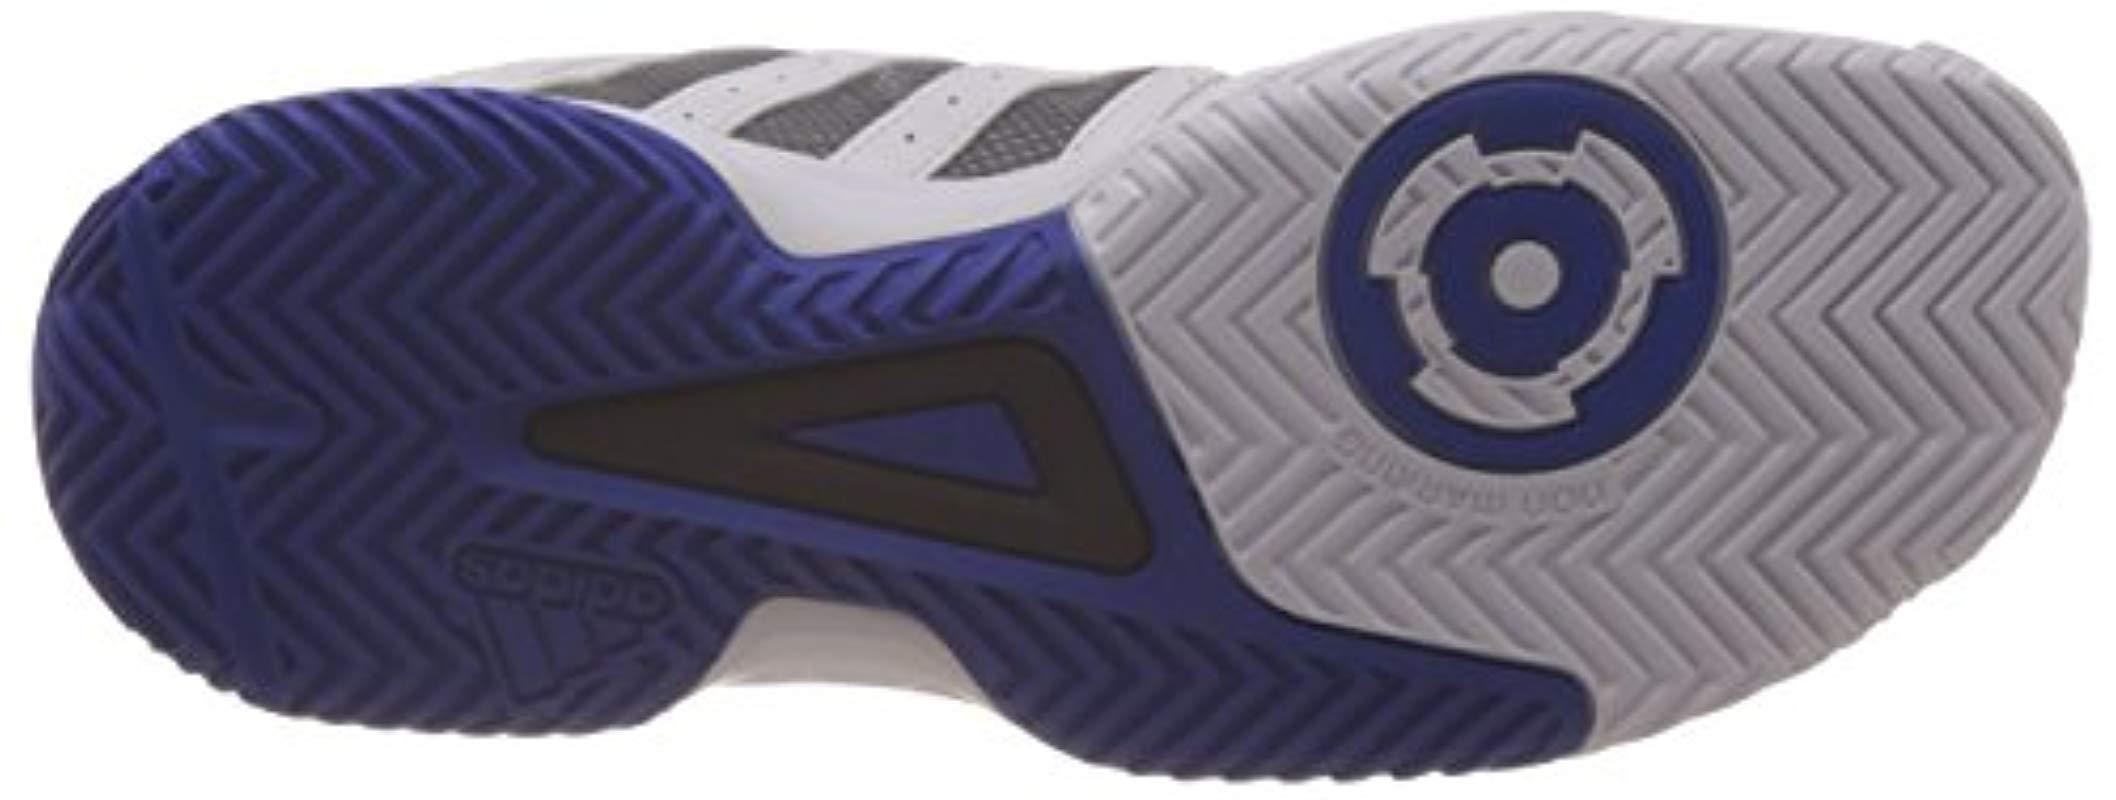 Barricade Team 4 Xj, Zapatillas para Niños adidas de hombre